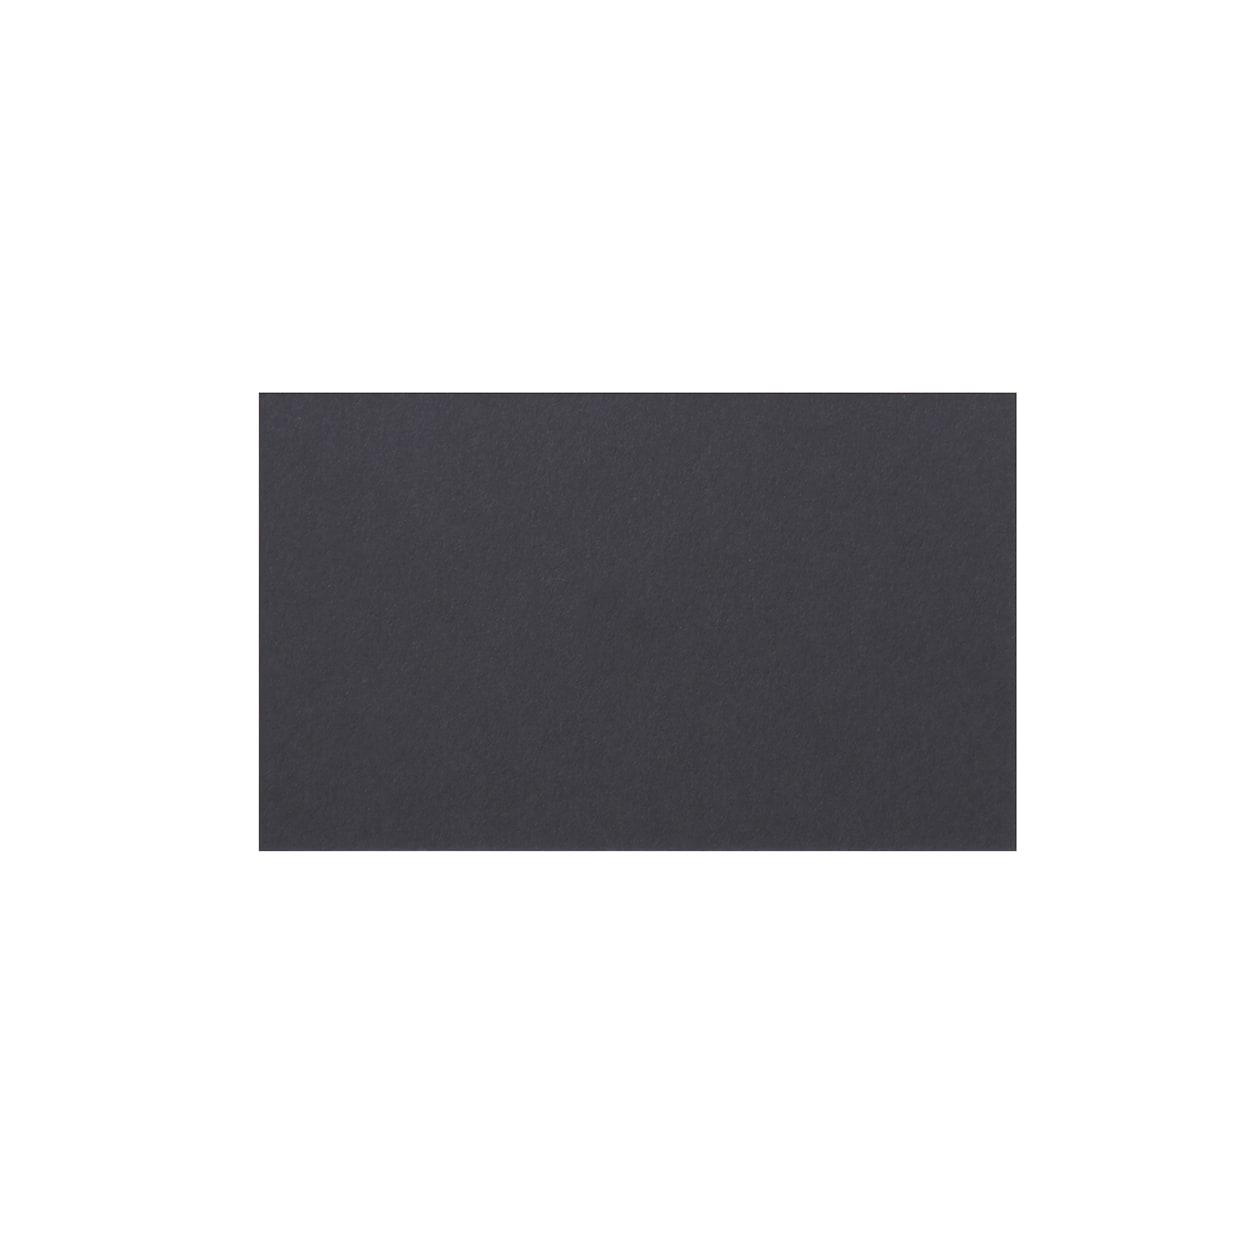 ネームカード 二層合紙グレー×ミッドナイトブルー